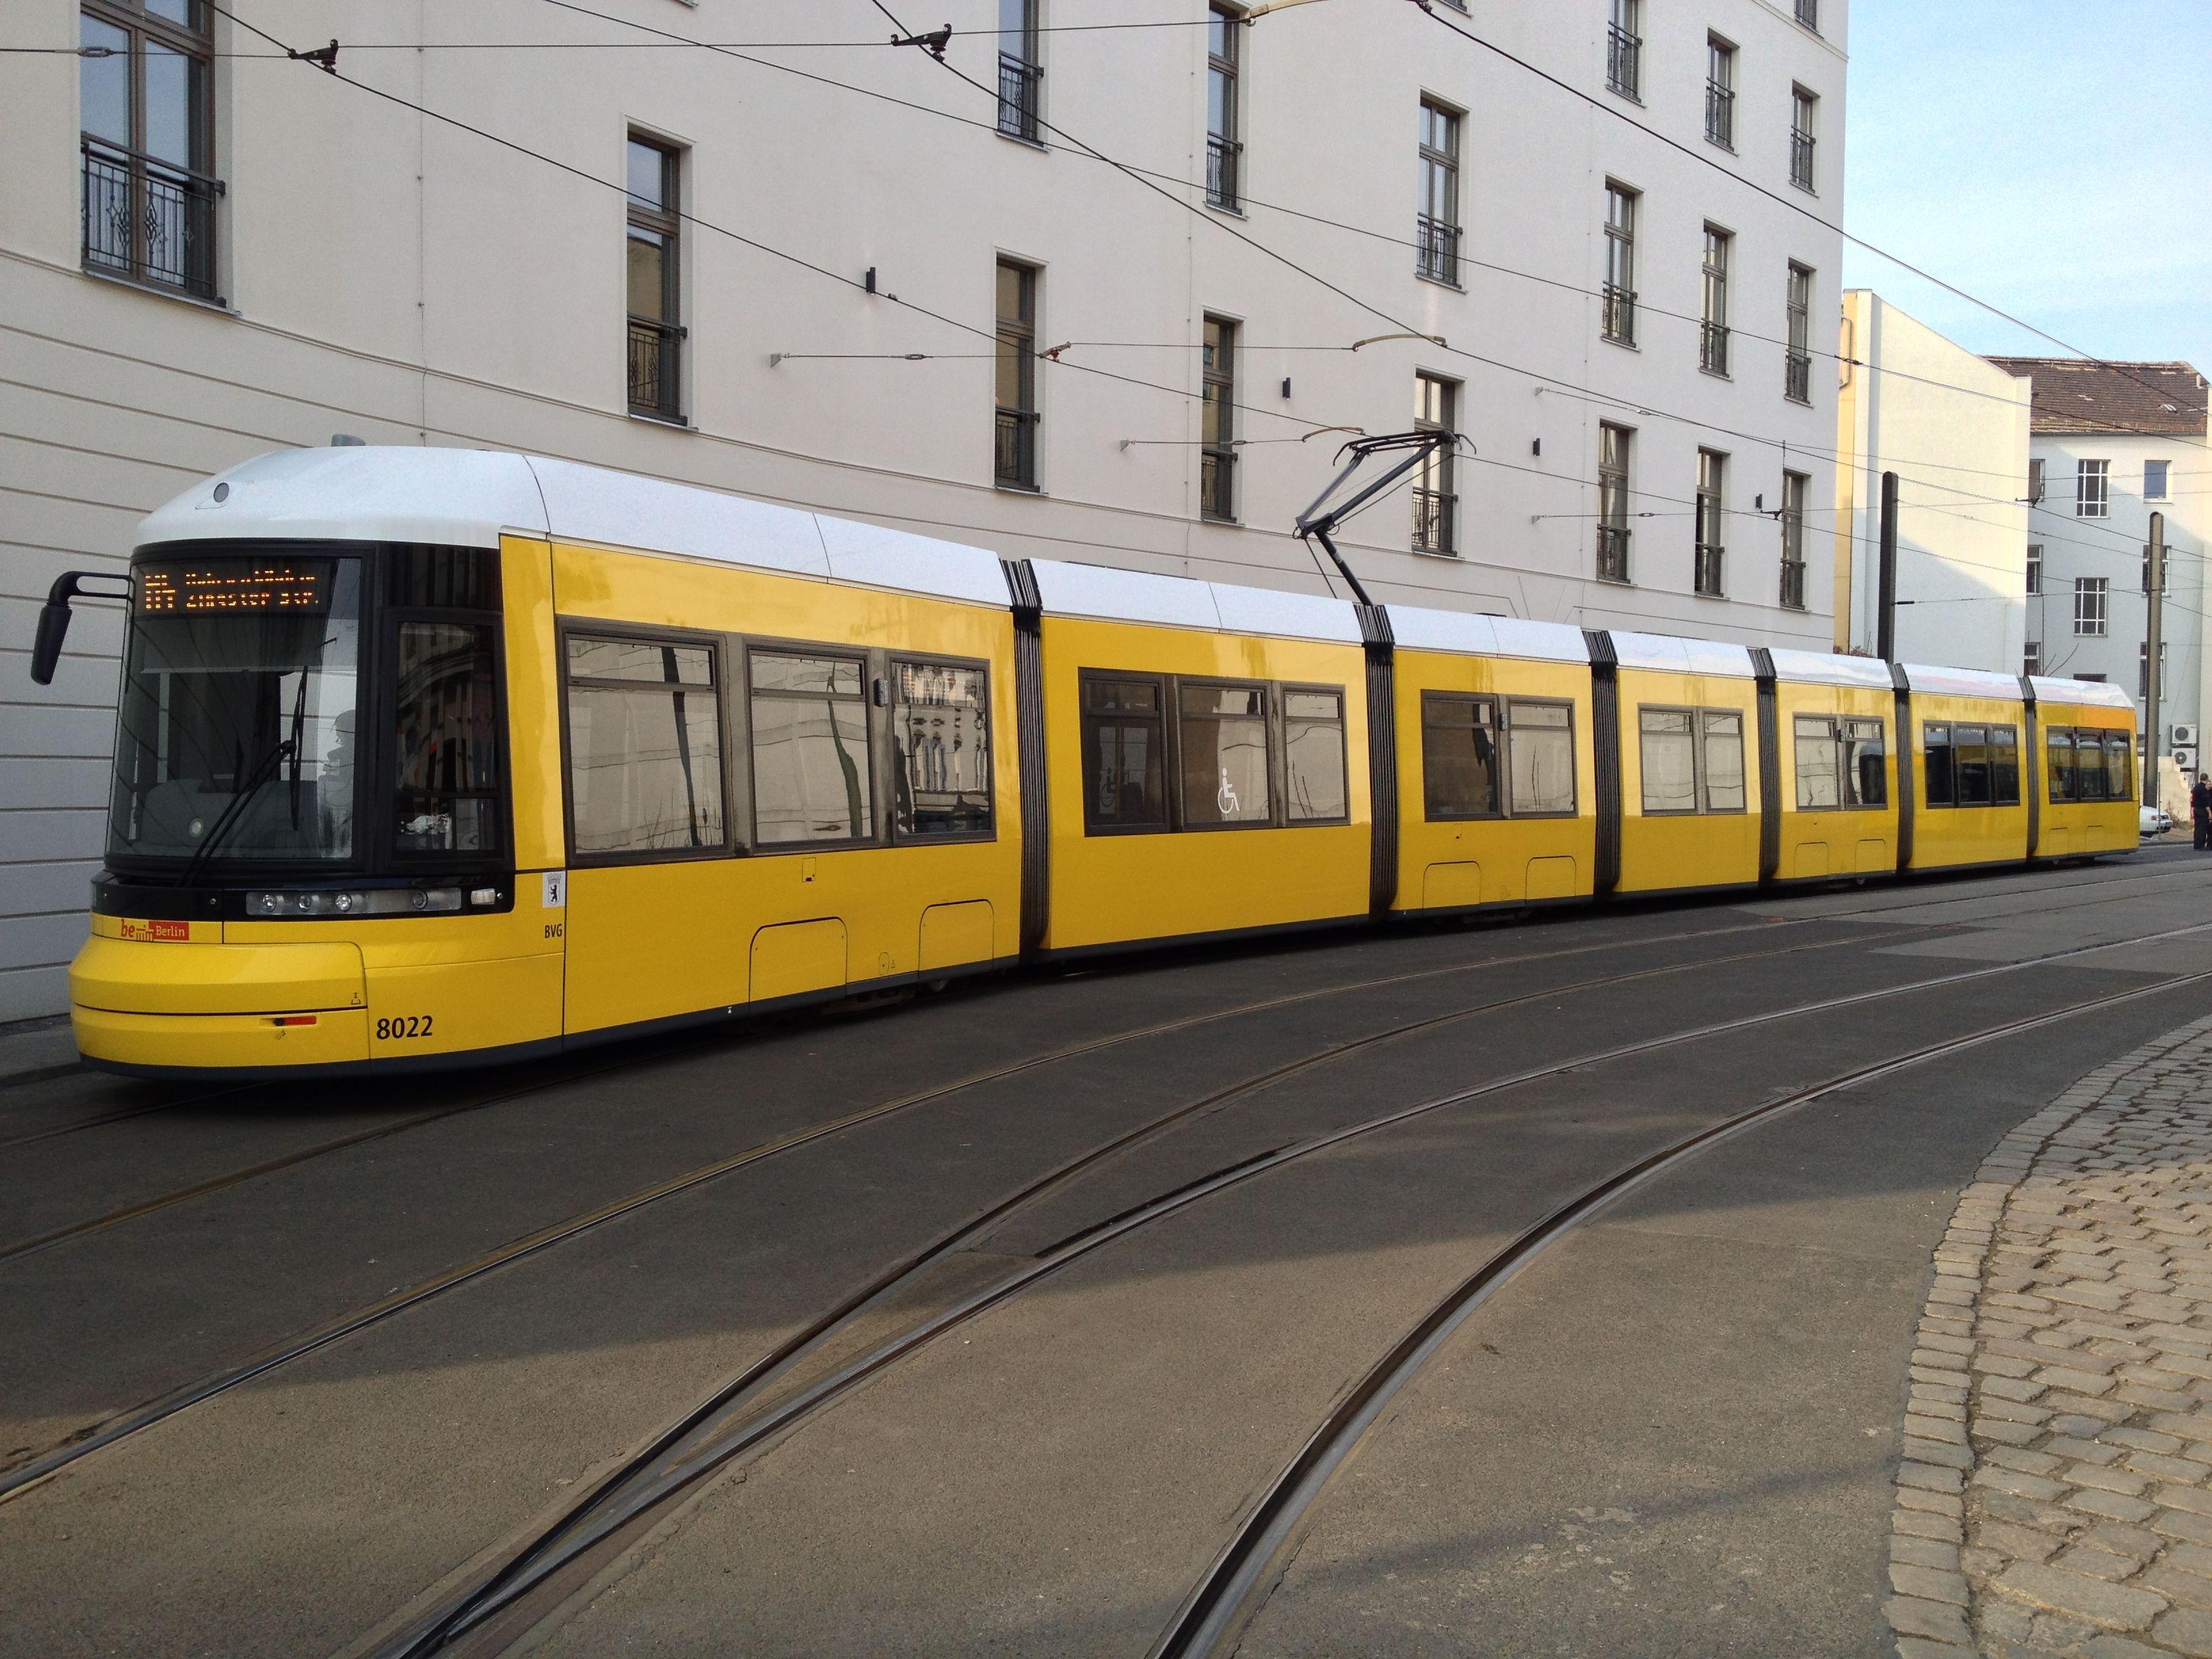 Strassenbahn 8022